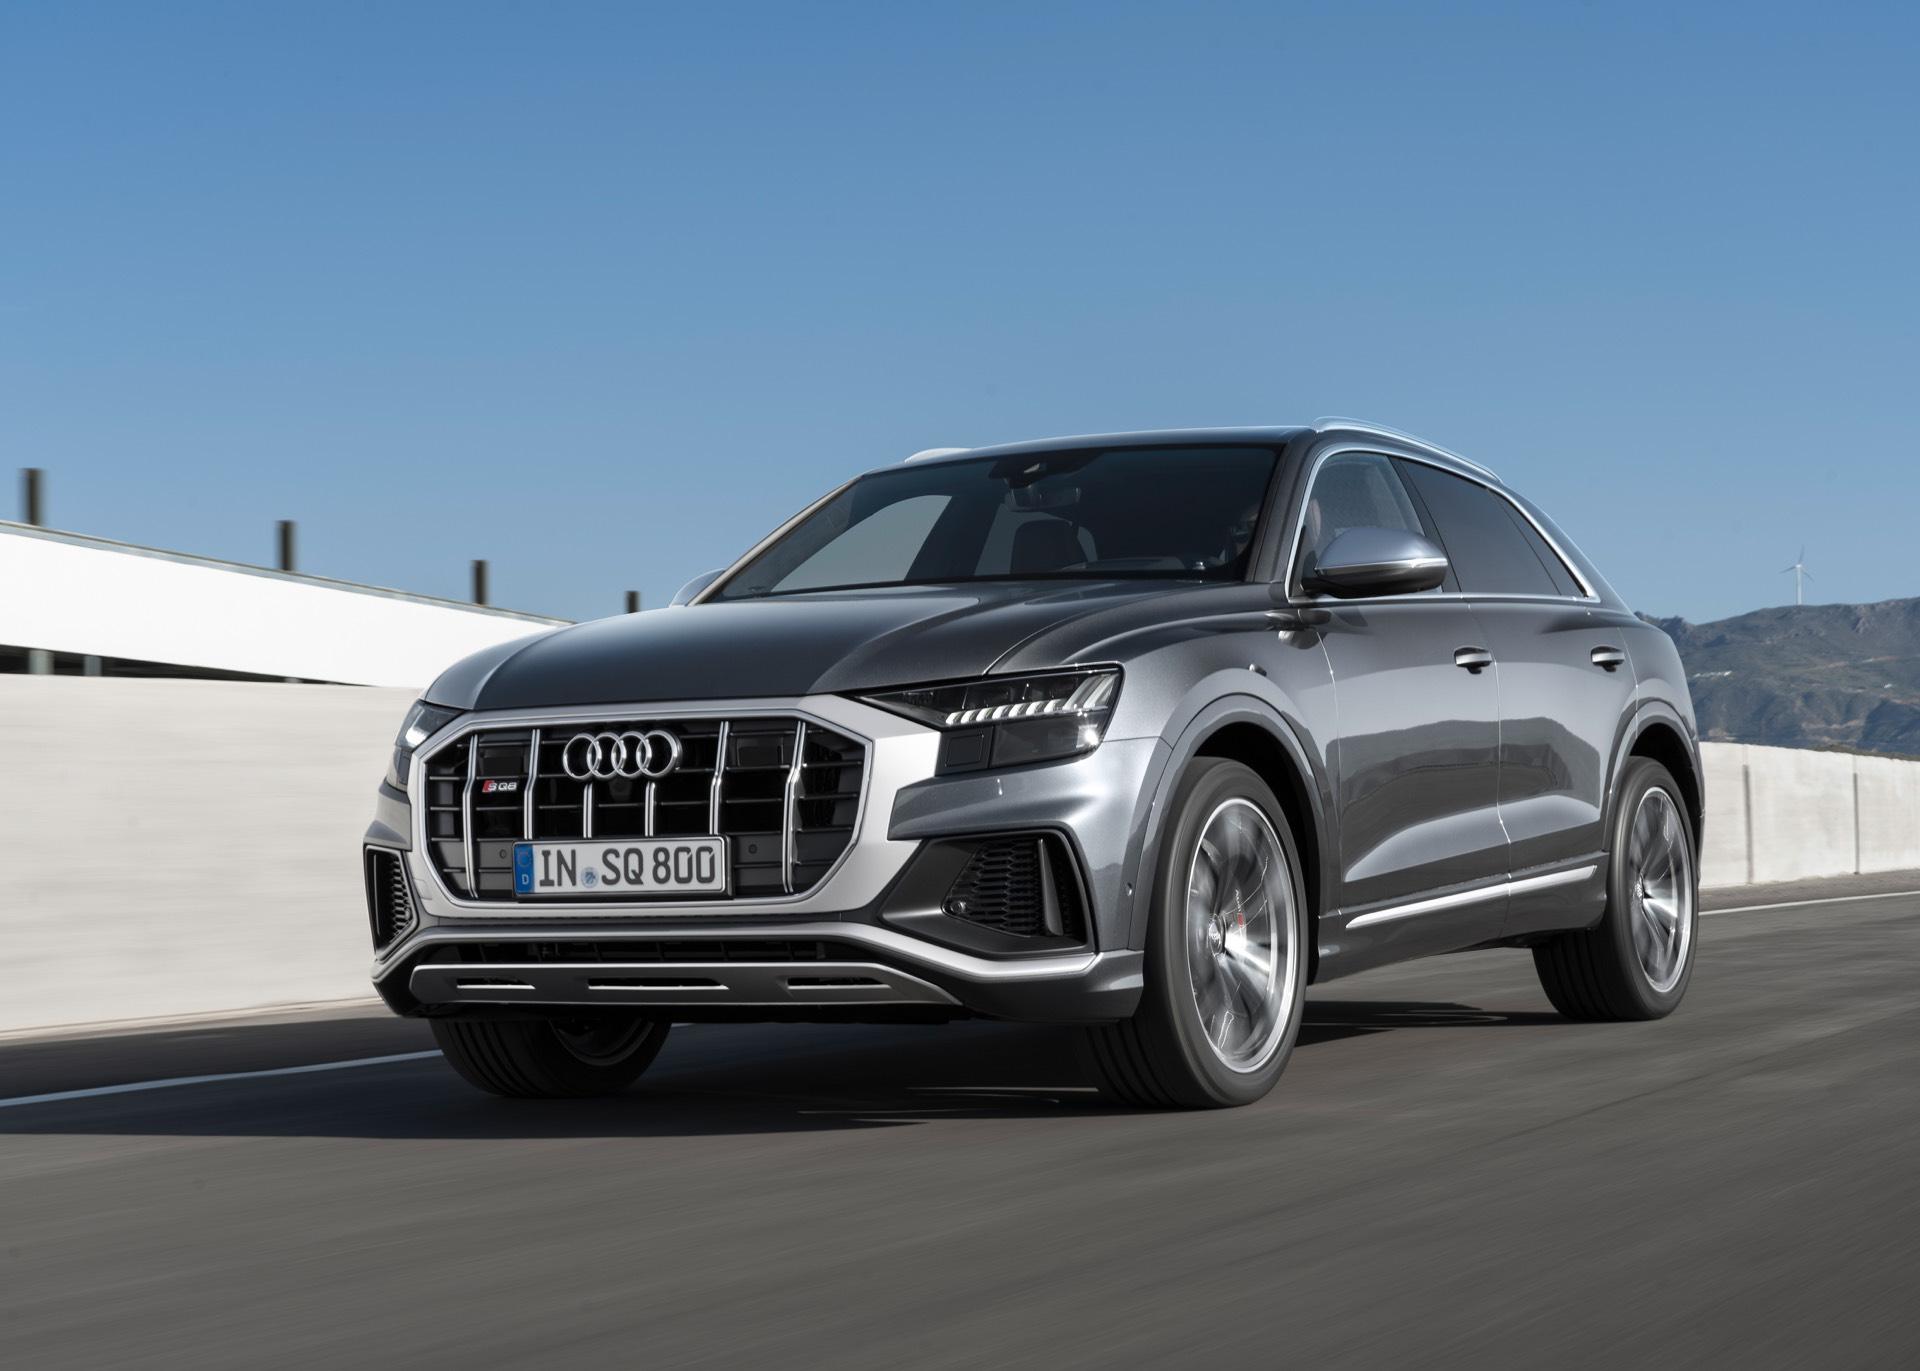 Audi-SQ8-TDI-2019-14